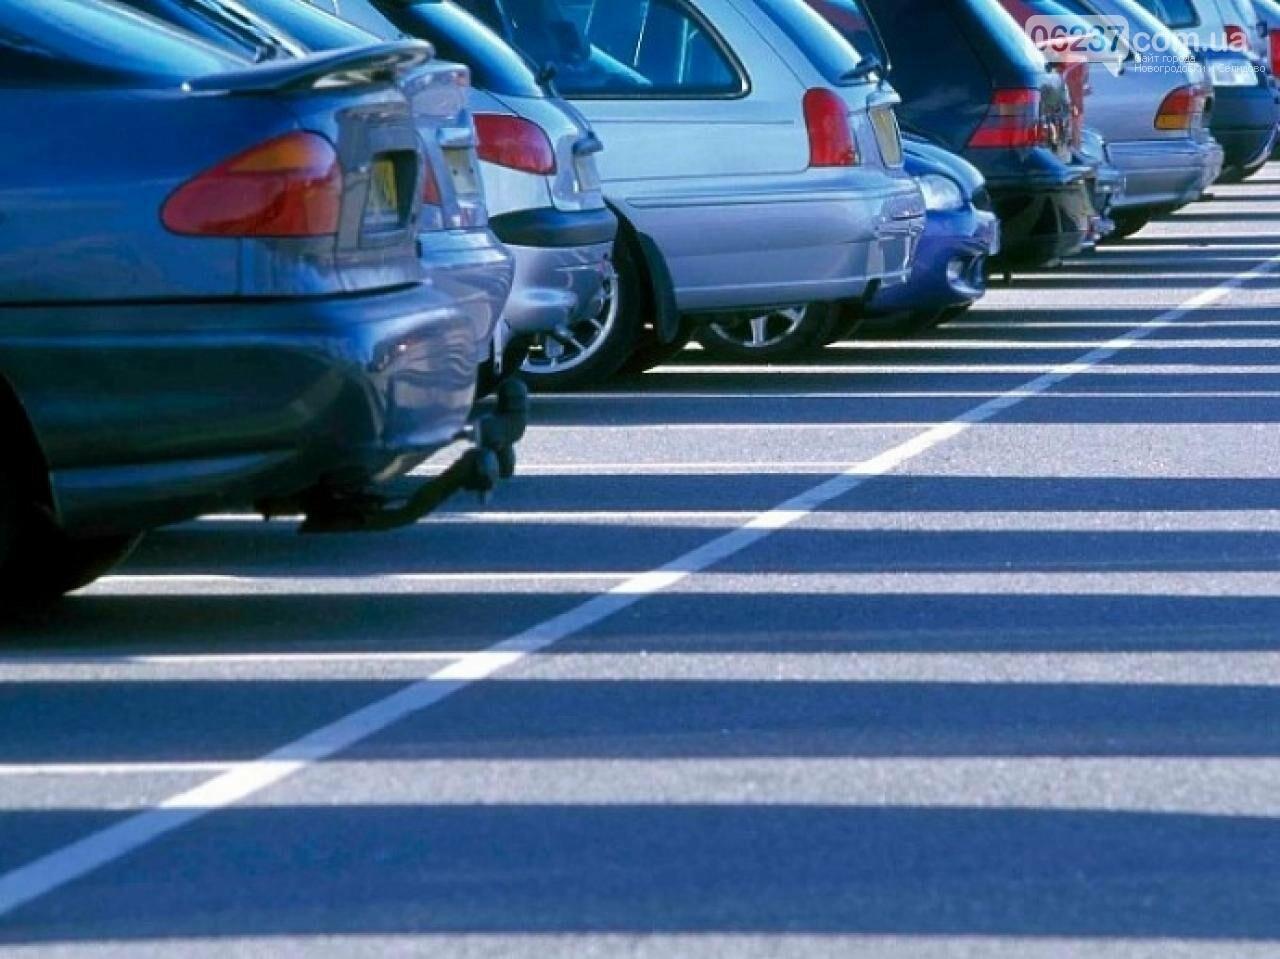 Завтра вступят в силу новые правила парковки автомобилей, фото-1